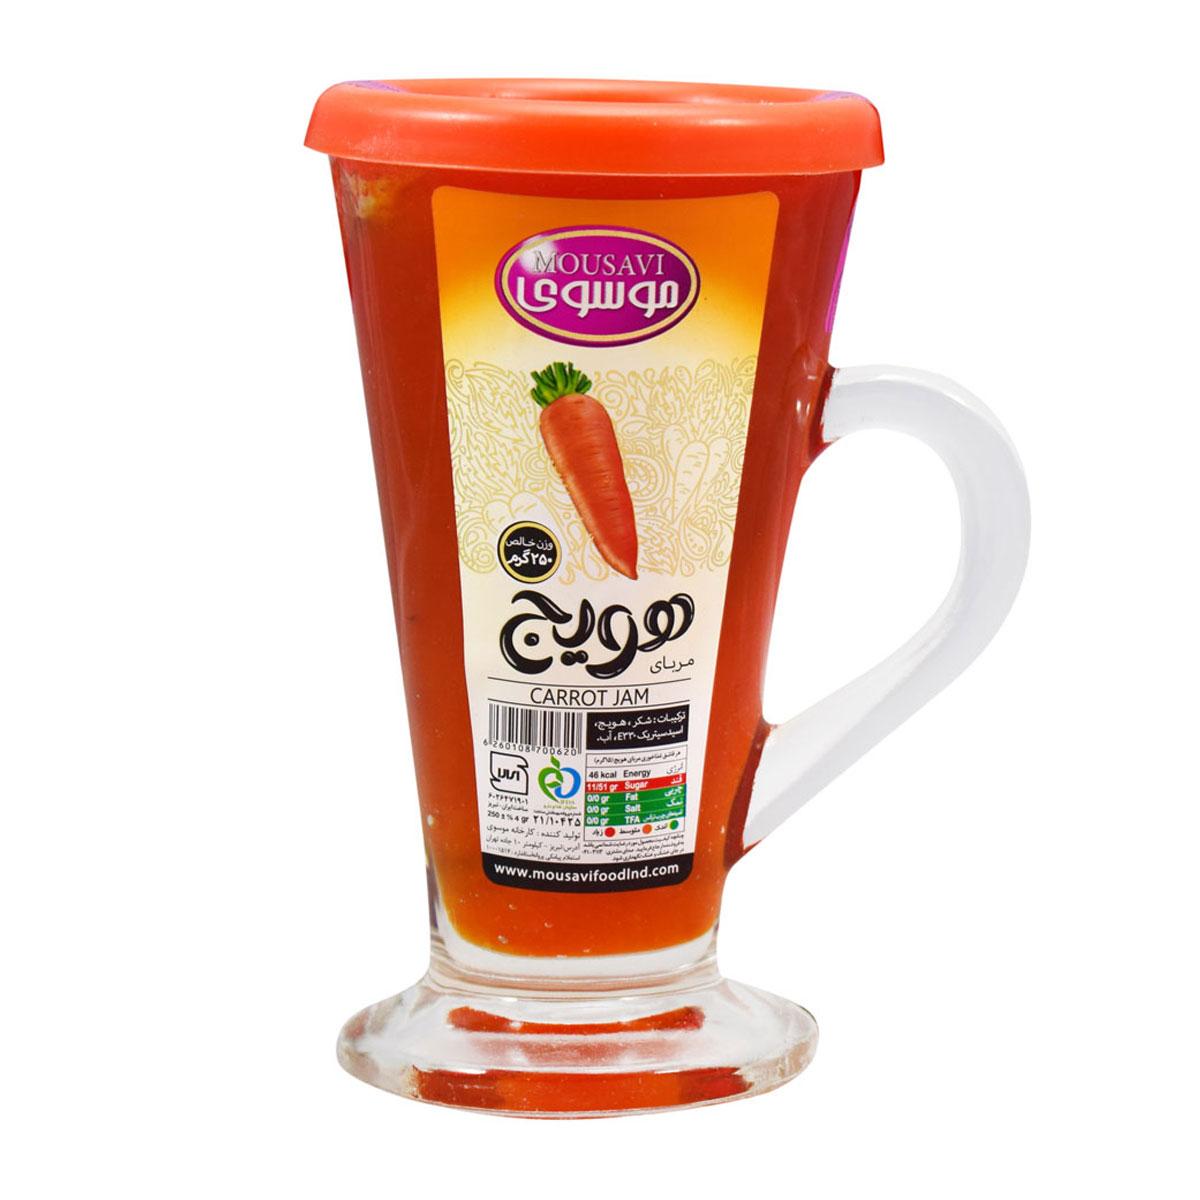 مربا هویج 250 گرم لیوانی موسوی - مربا هویج 250 گرم لیوانی موسوی